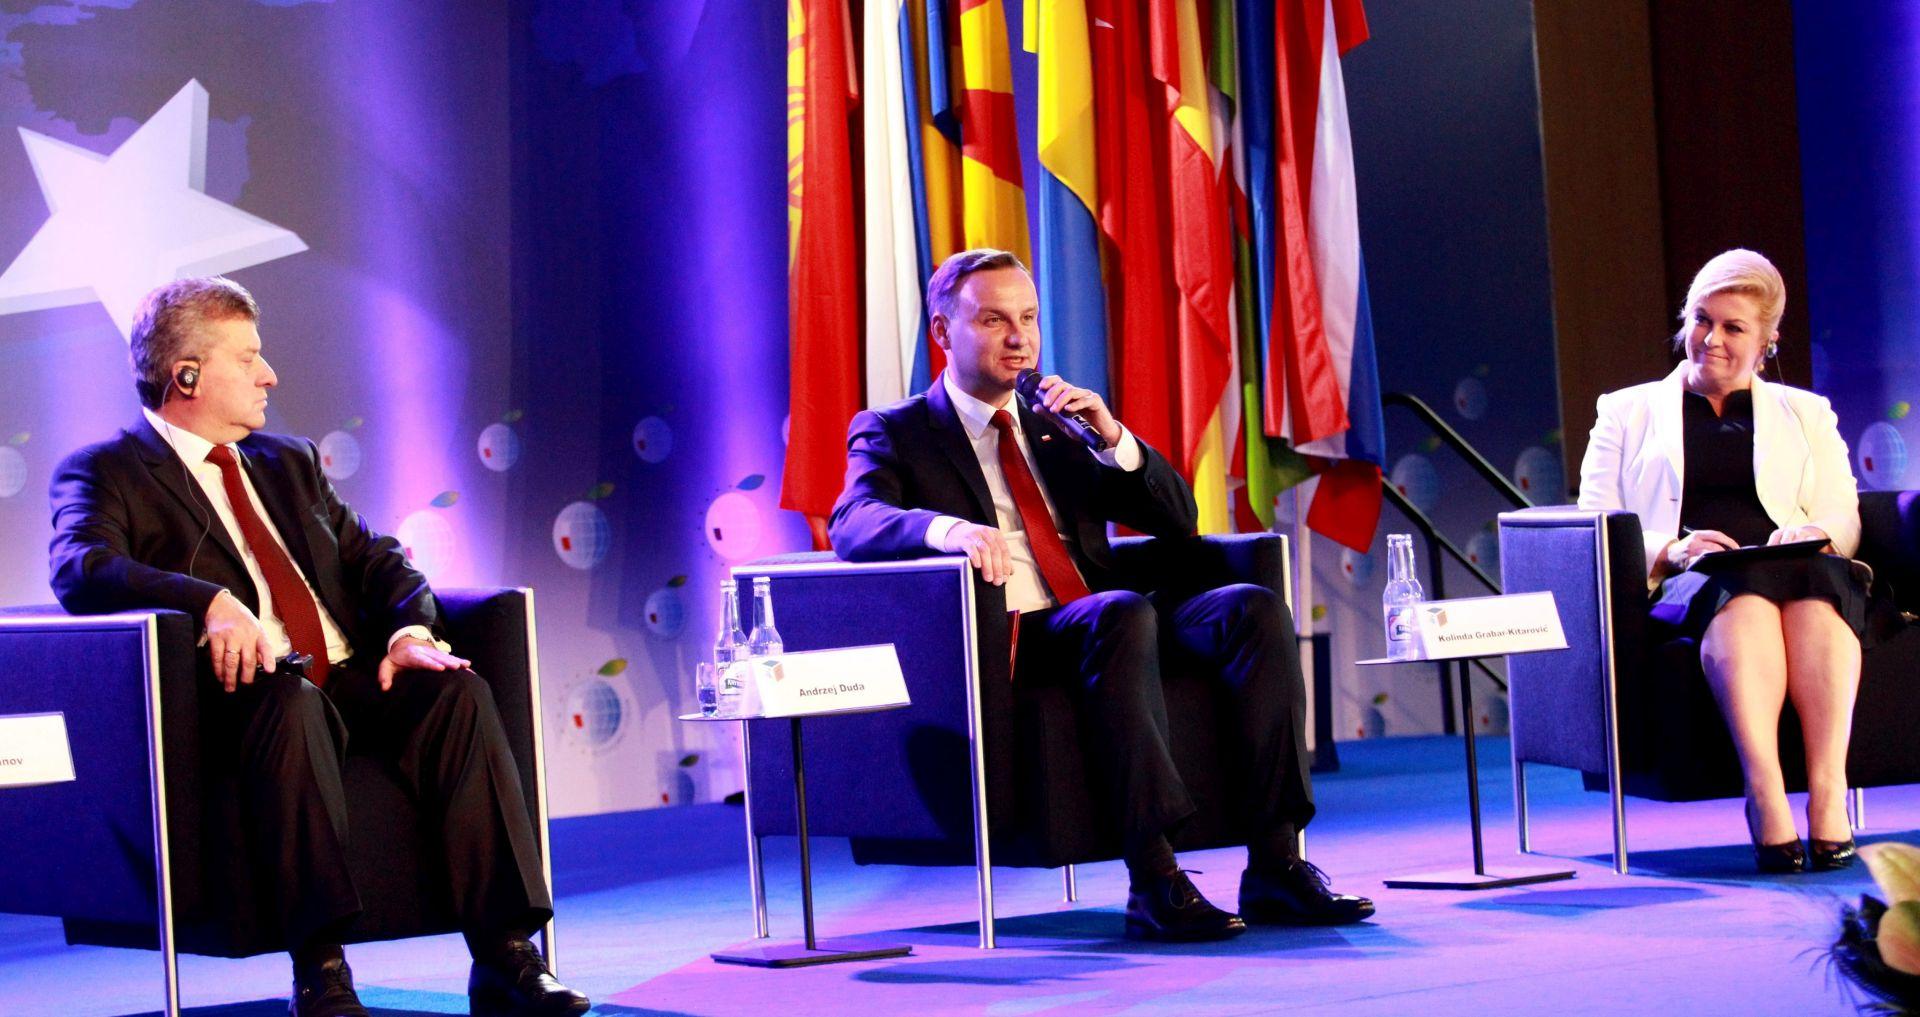 GOSPODARSKI FORUM Grabar-Kitarović: Europa prespora u odgovoru na krize